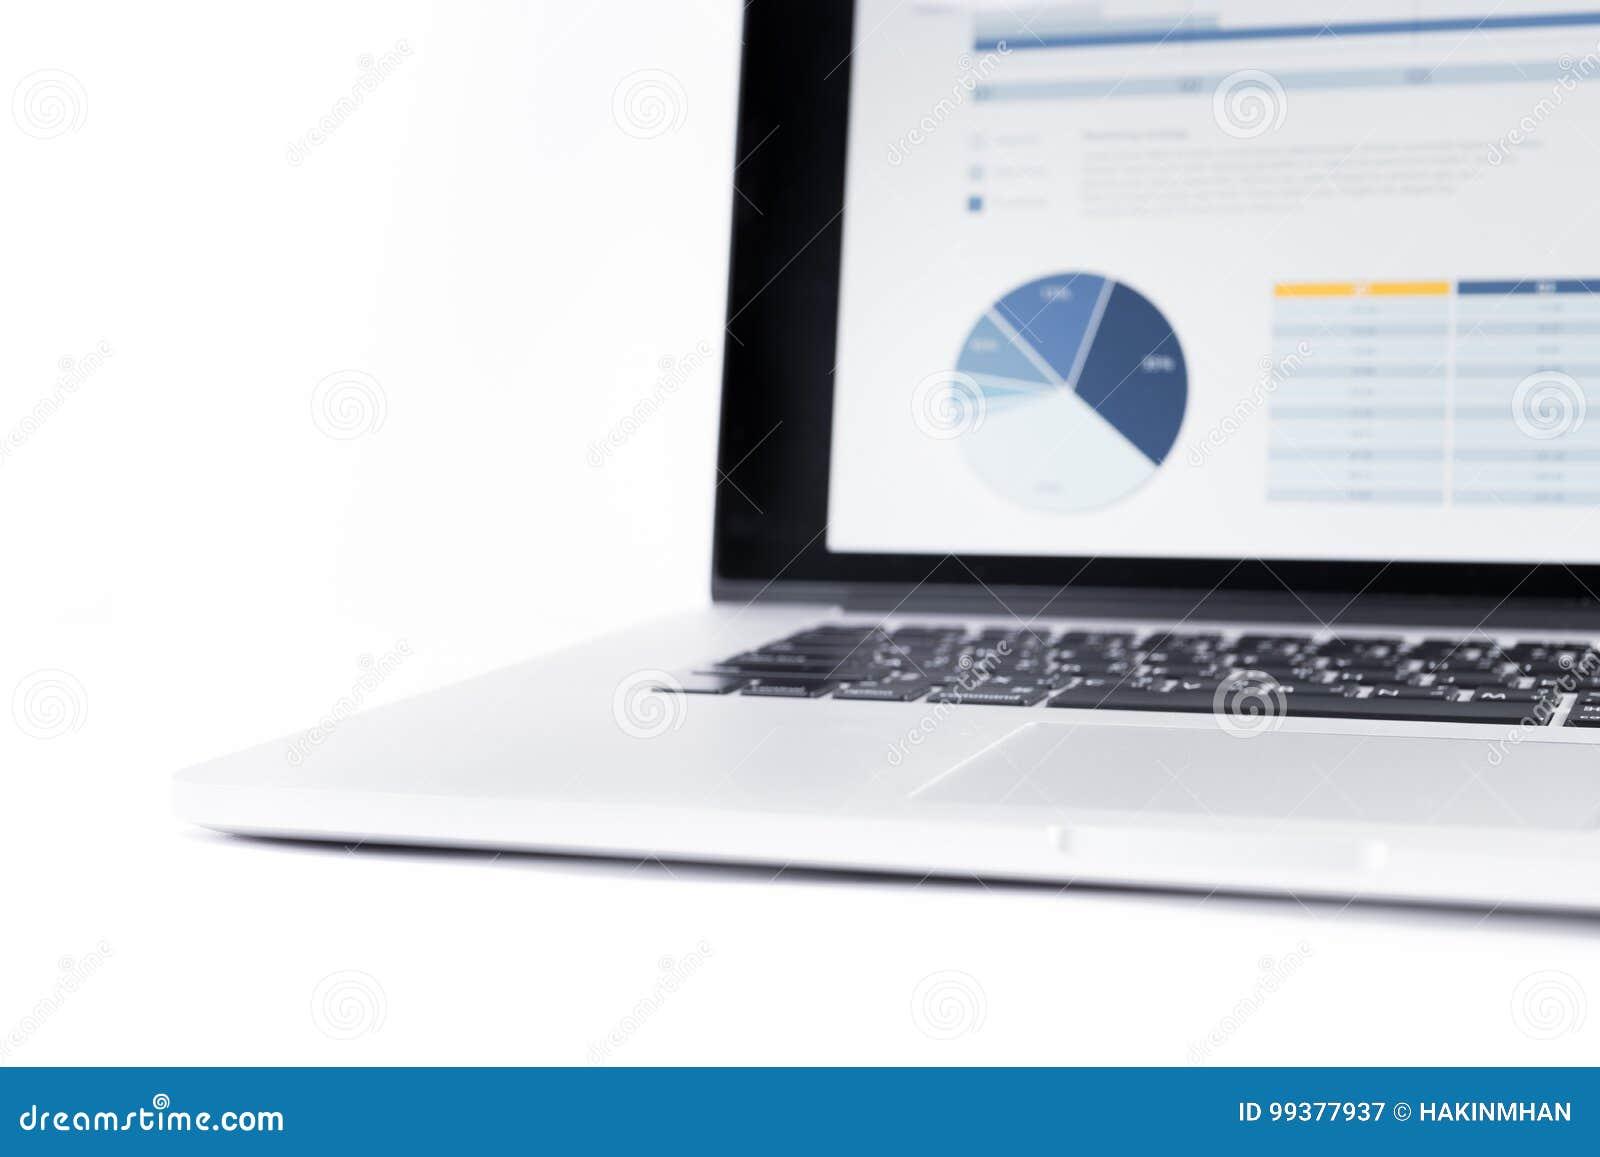 Sfuocatura dei grafici di statistiche visualizzati sullo schermo del computer portatile